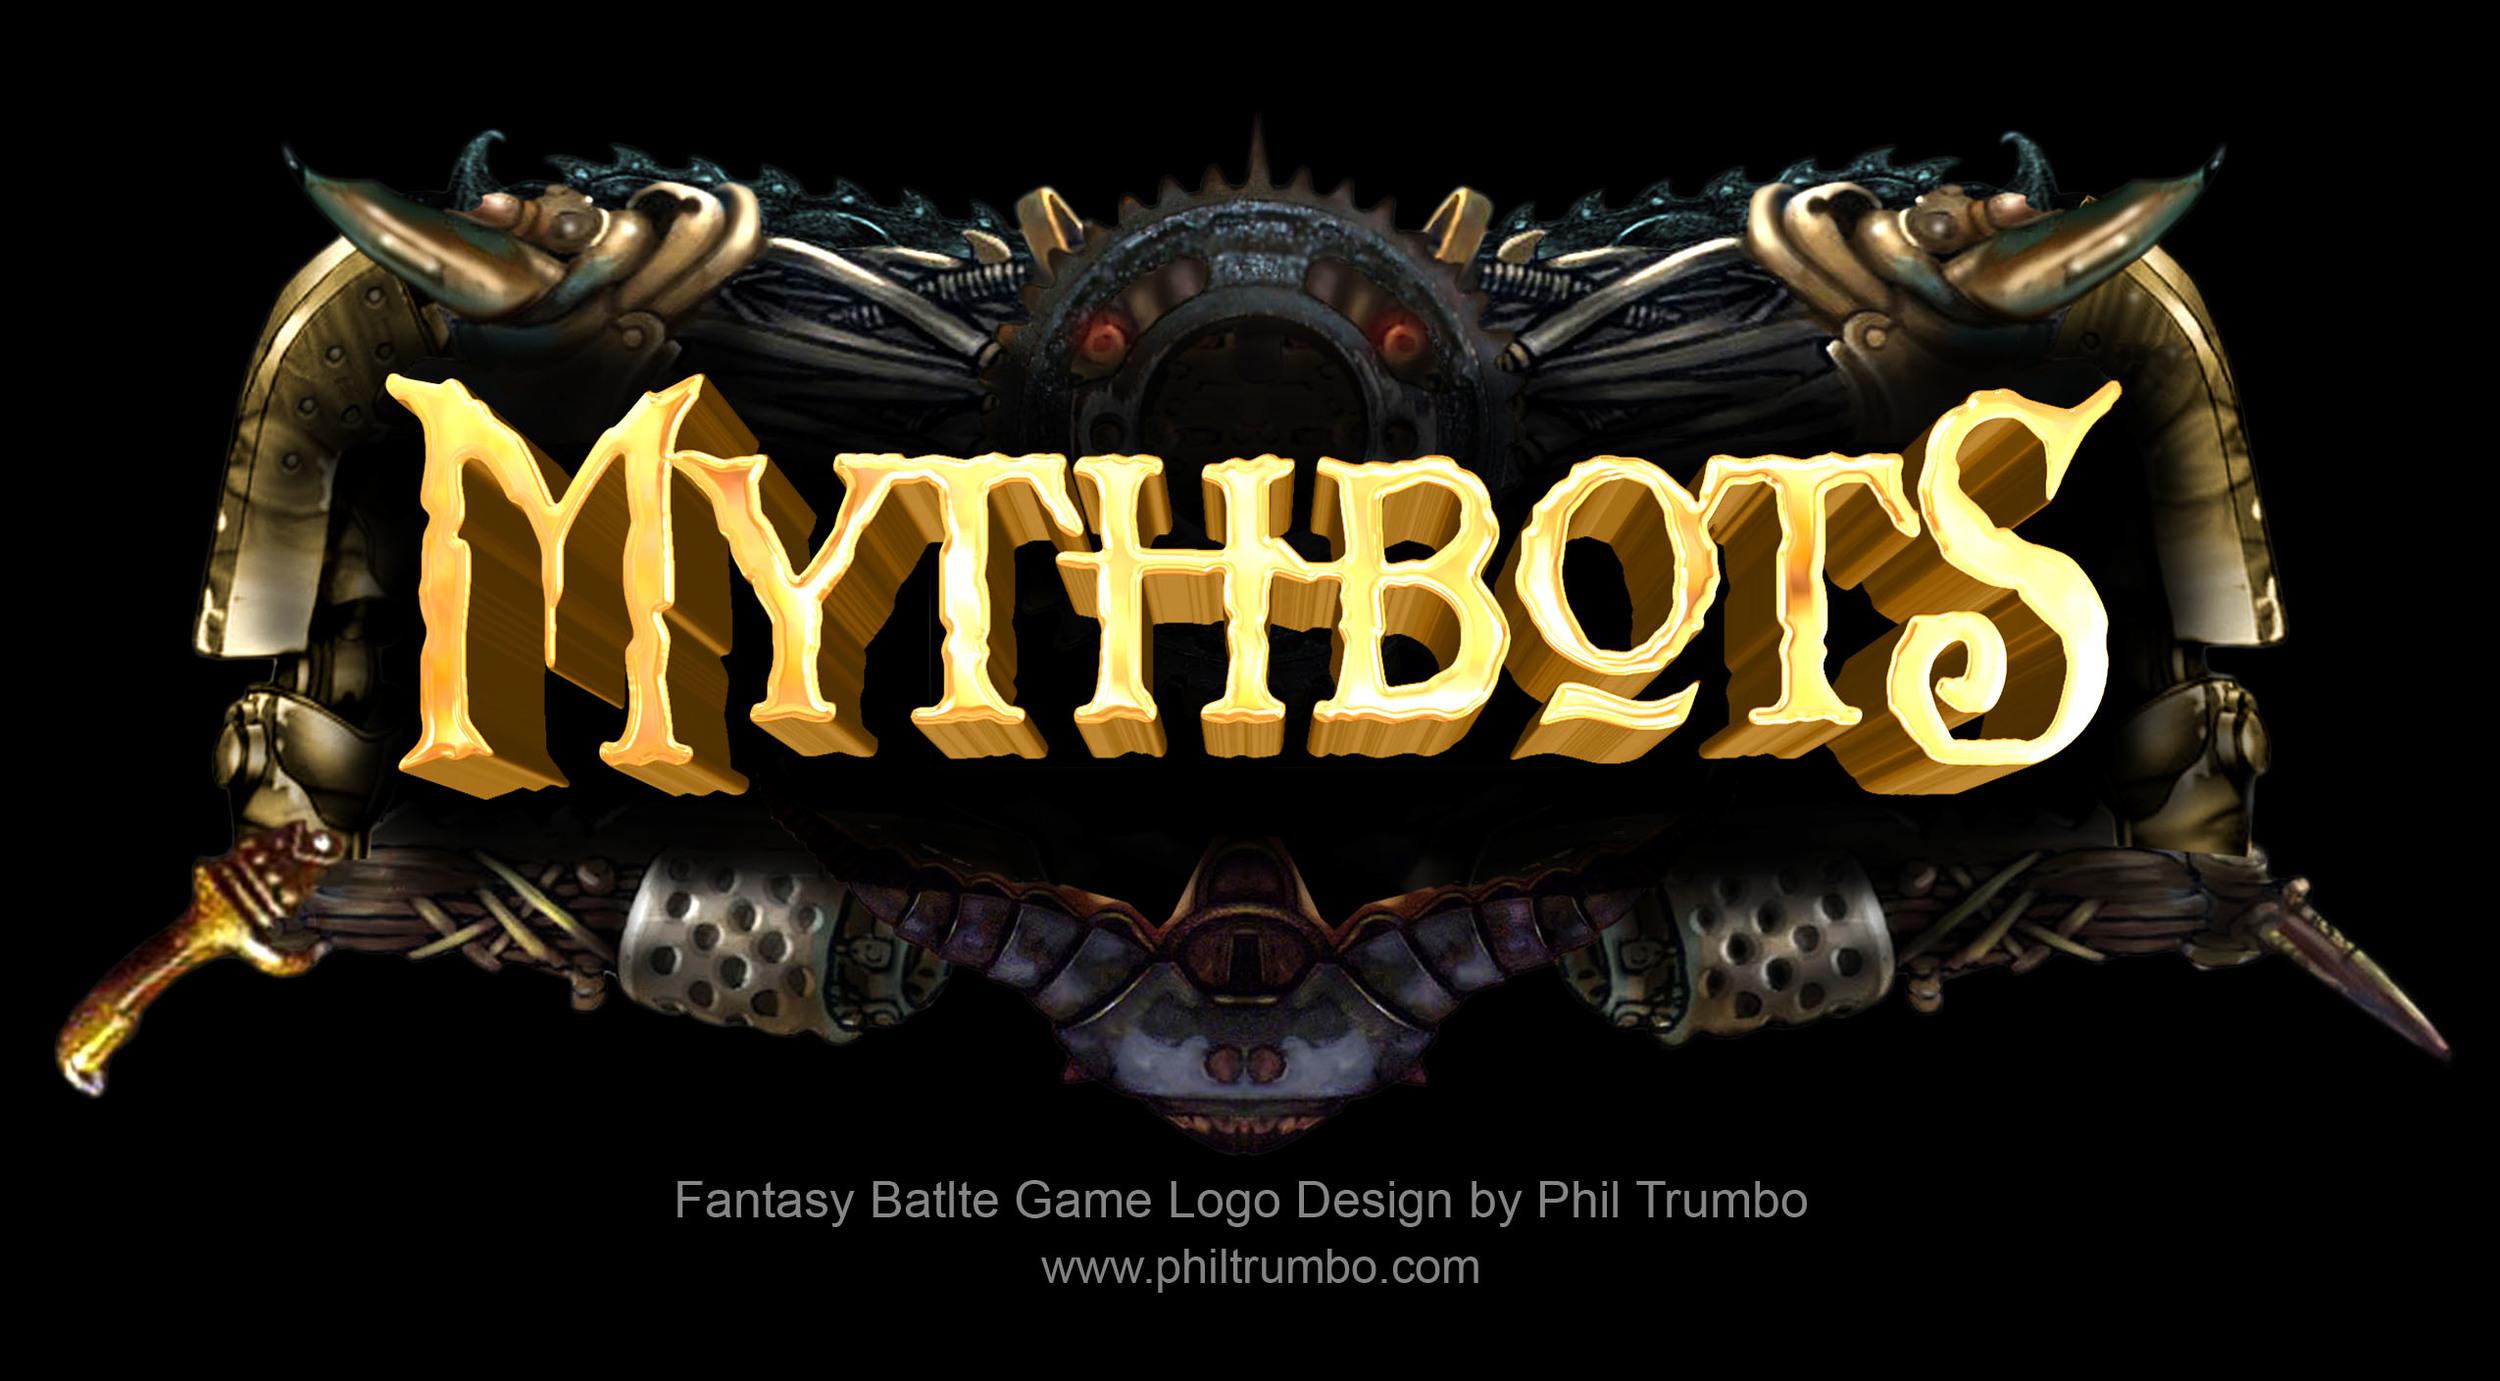 MythbotsLogo1500.jpg